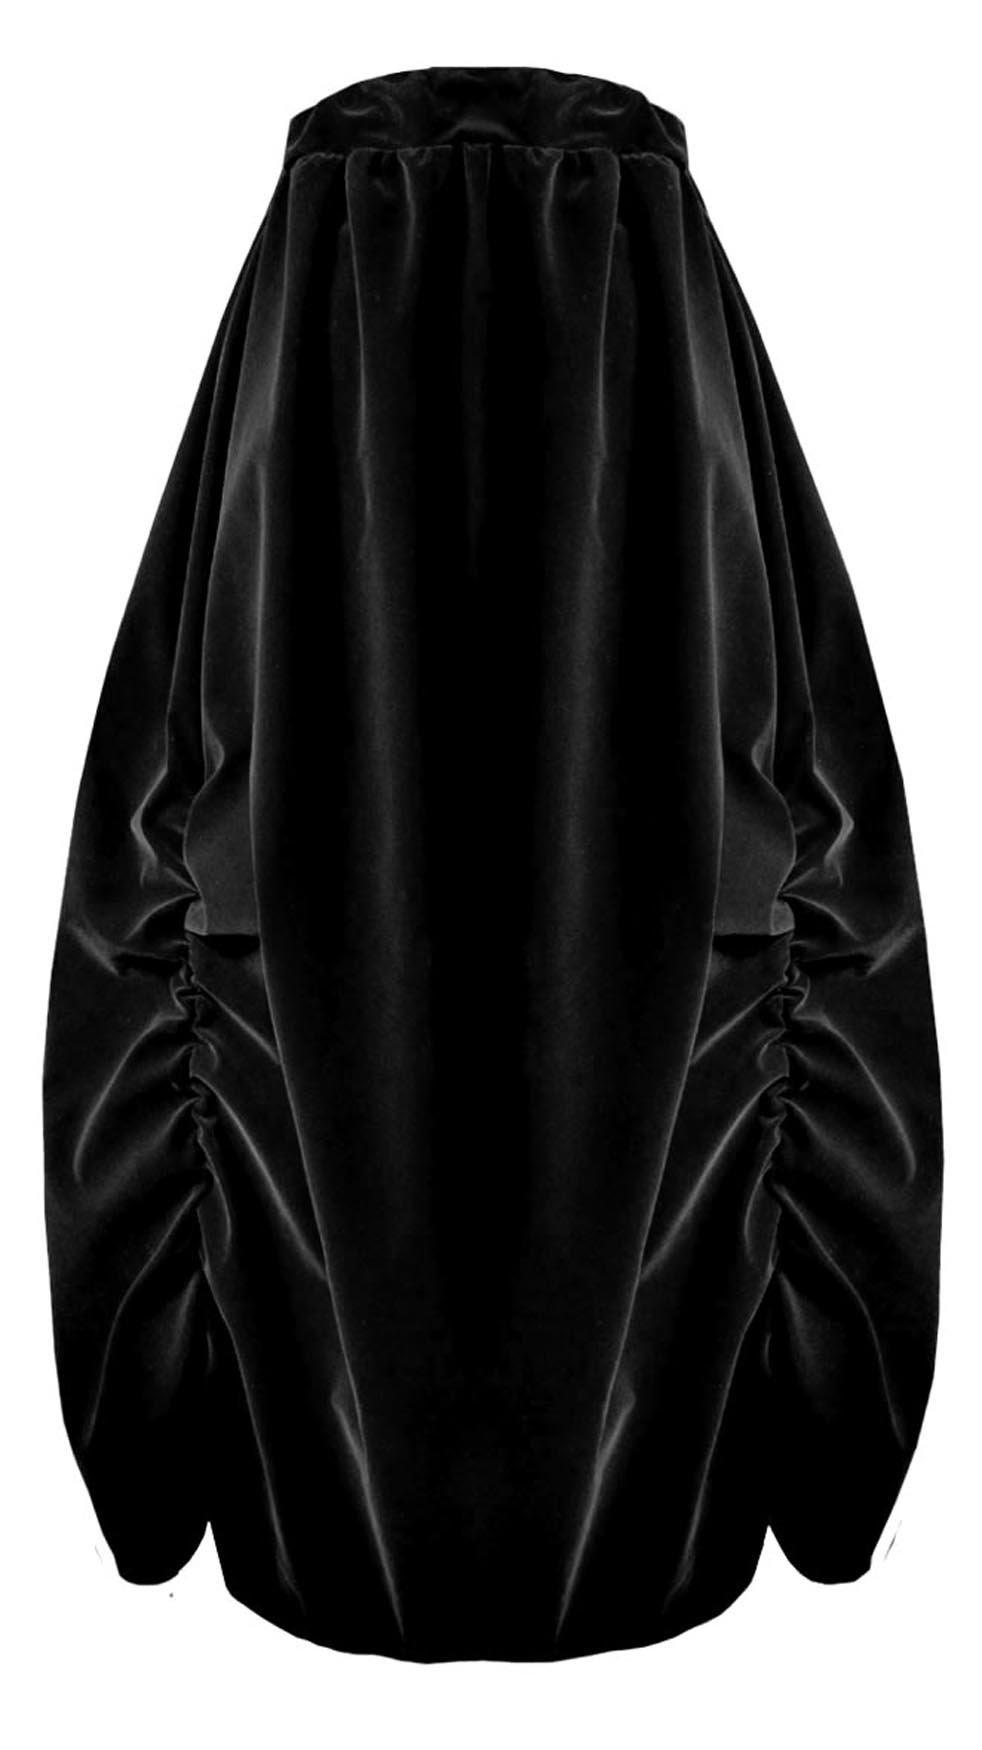 Victorian Valentine Steampunk Gothic Civil War Velvet Bustle Skirt (Black) by Cykxtees (Image #1)